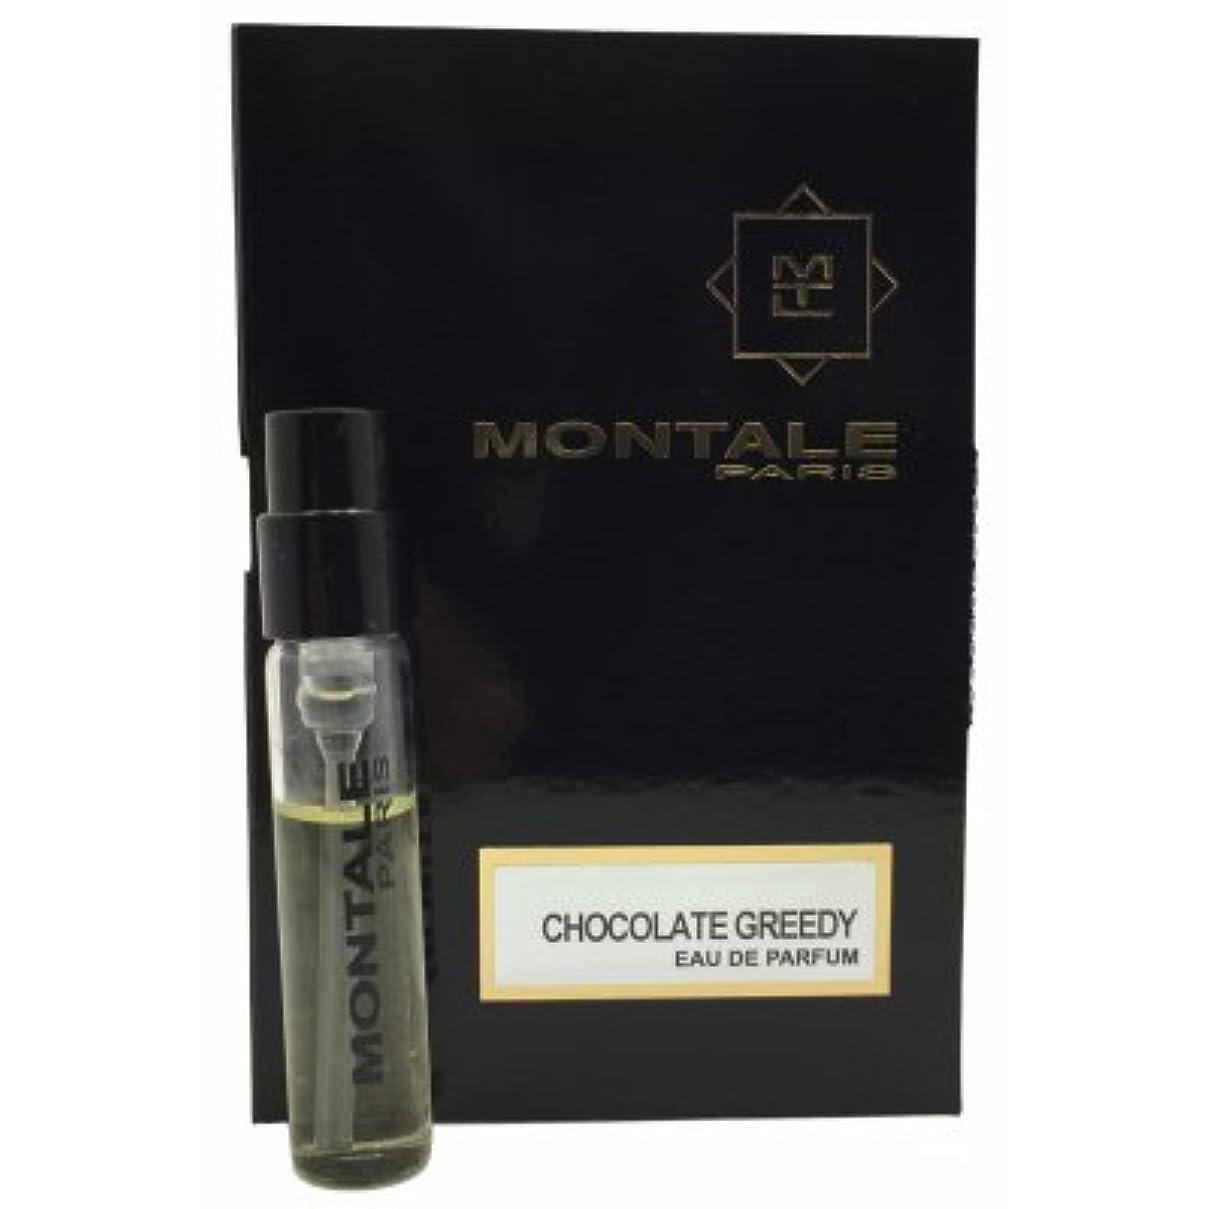 豆体現するエレメンタルMontale Chocolate Greedy EDP Vial Sample 2ml(モンタル チョコレート グリーディー オードパルファン 2ml)[海外直送品] [並行輸入品]